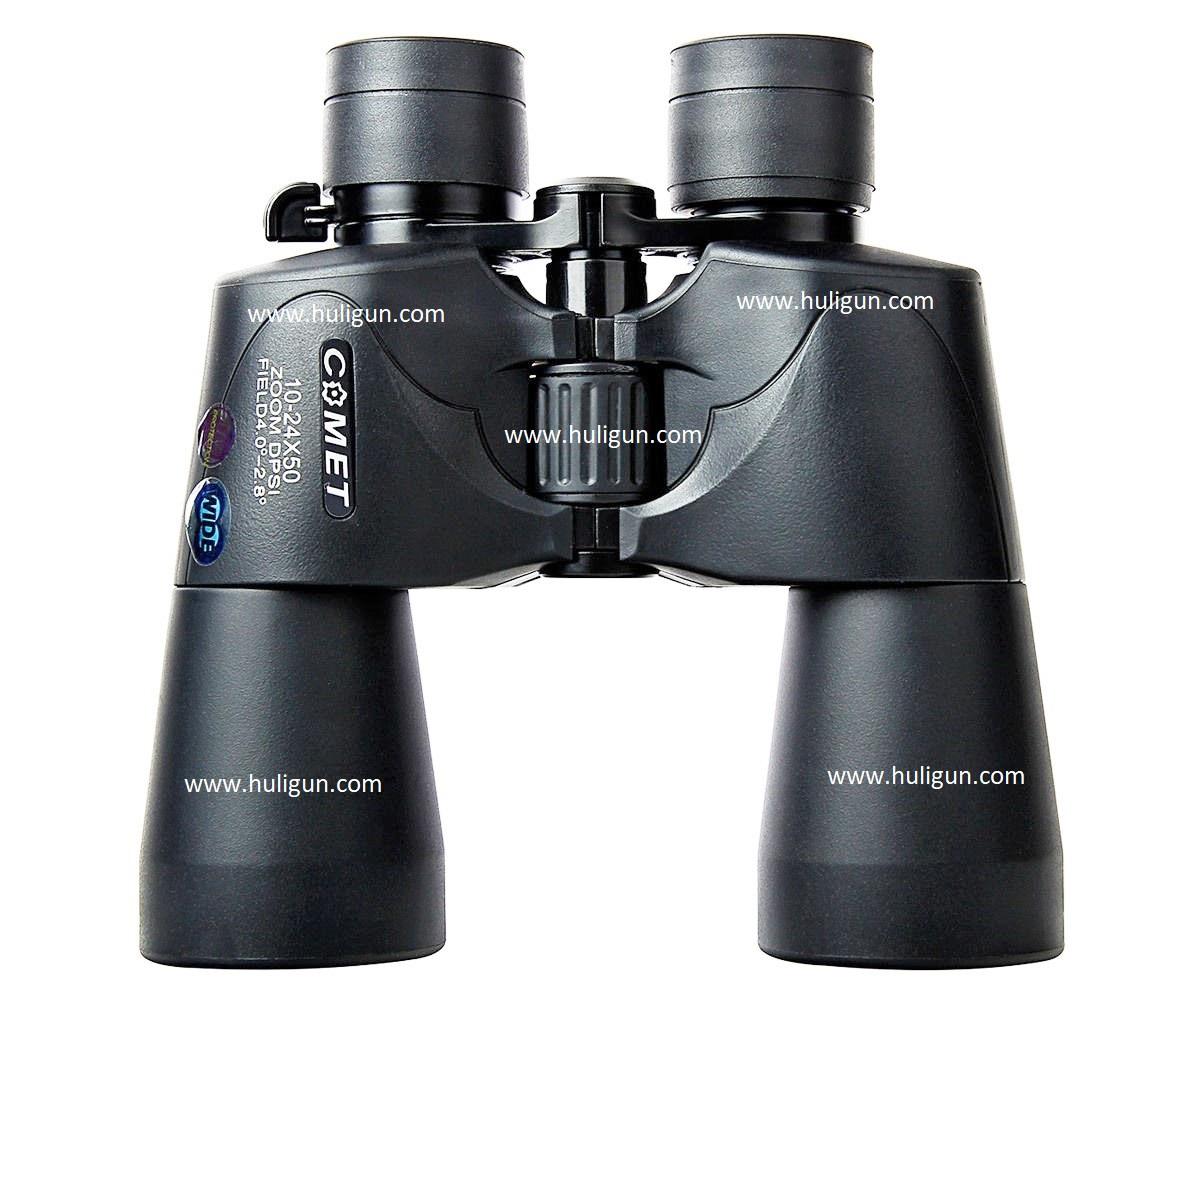 Comet 10-24x50 DPSI Zoom Binocular Online India Buy